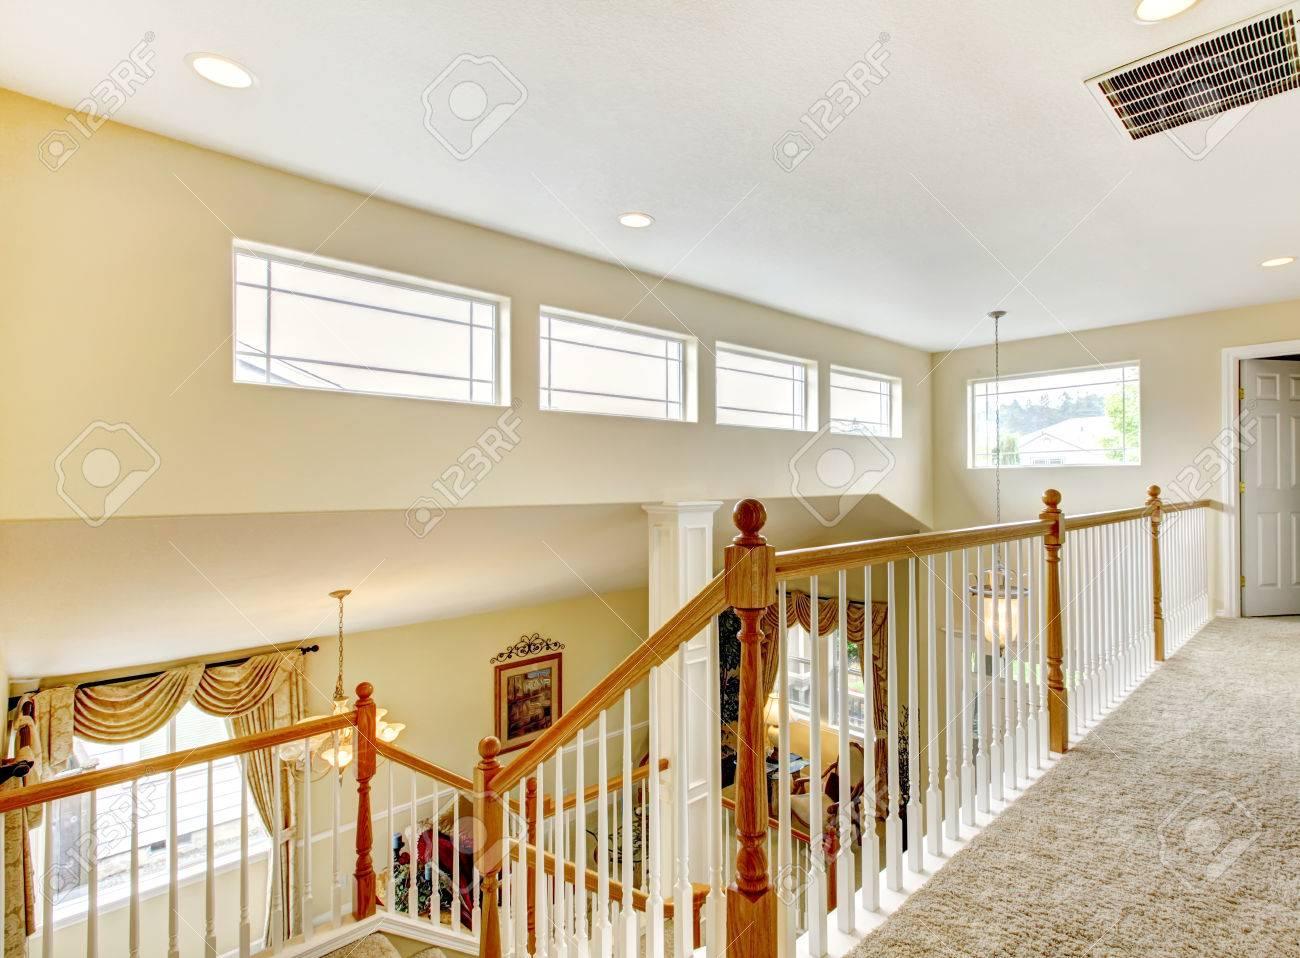 helles haus mit innen balkon. blick auf wohnzimmer und treppe